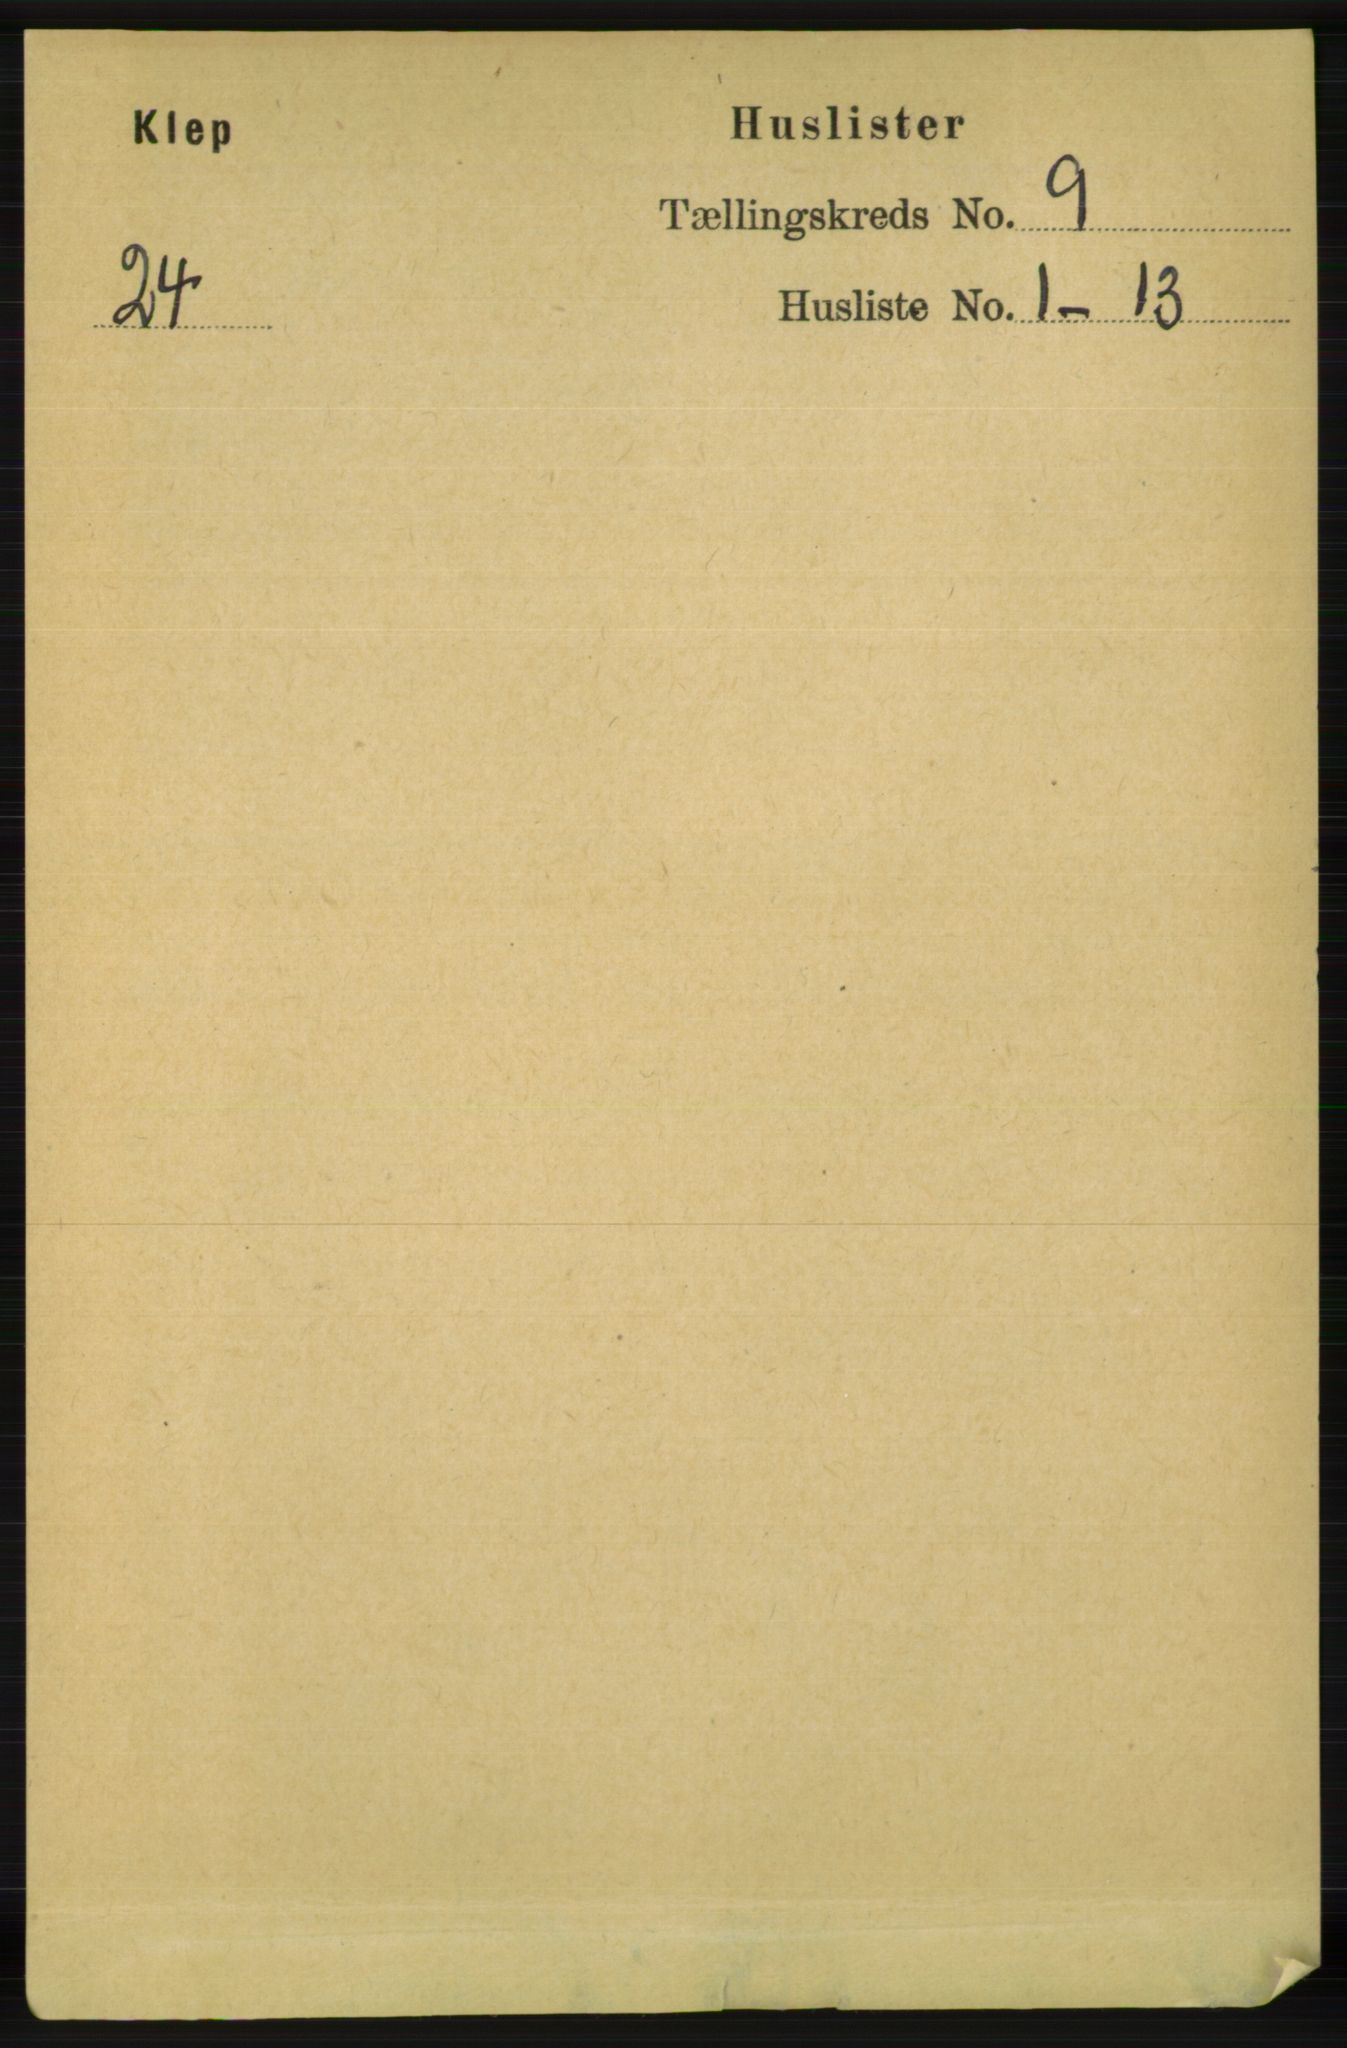 RA, Folketelling 1891 for 1120 Klepp herred, 1891, s. 2708